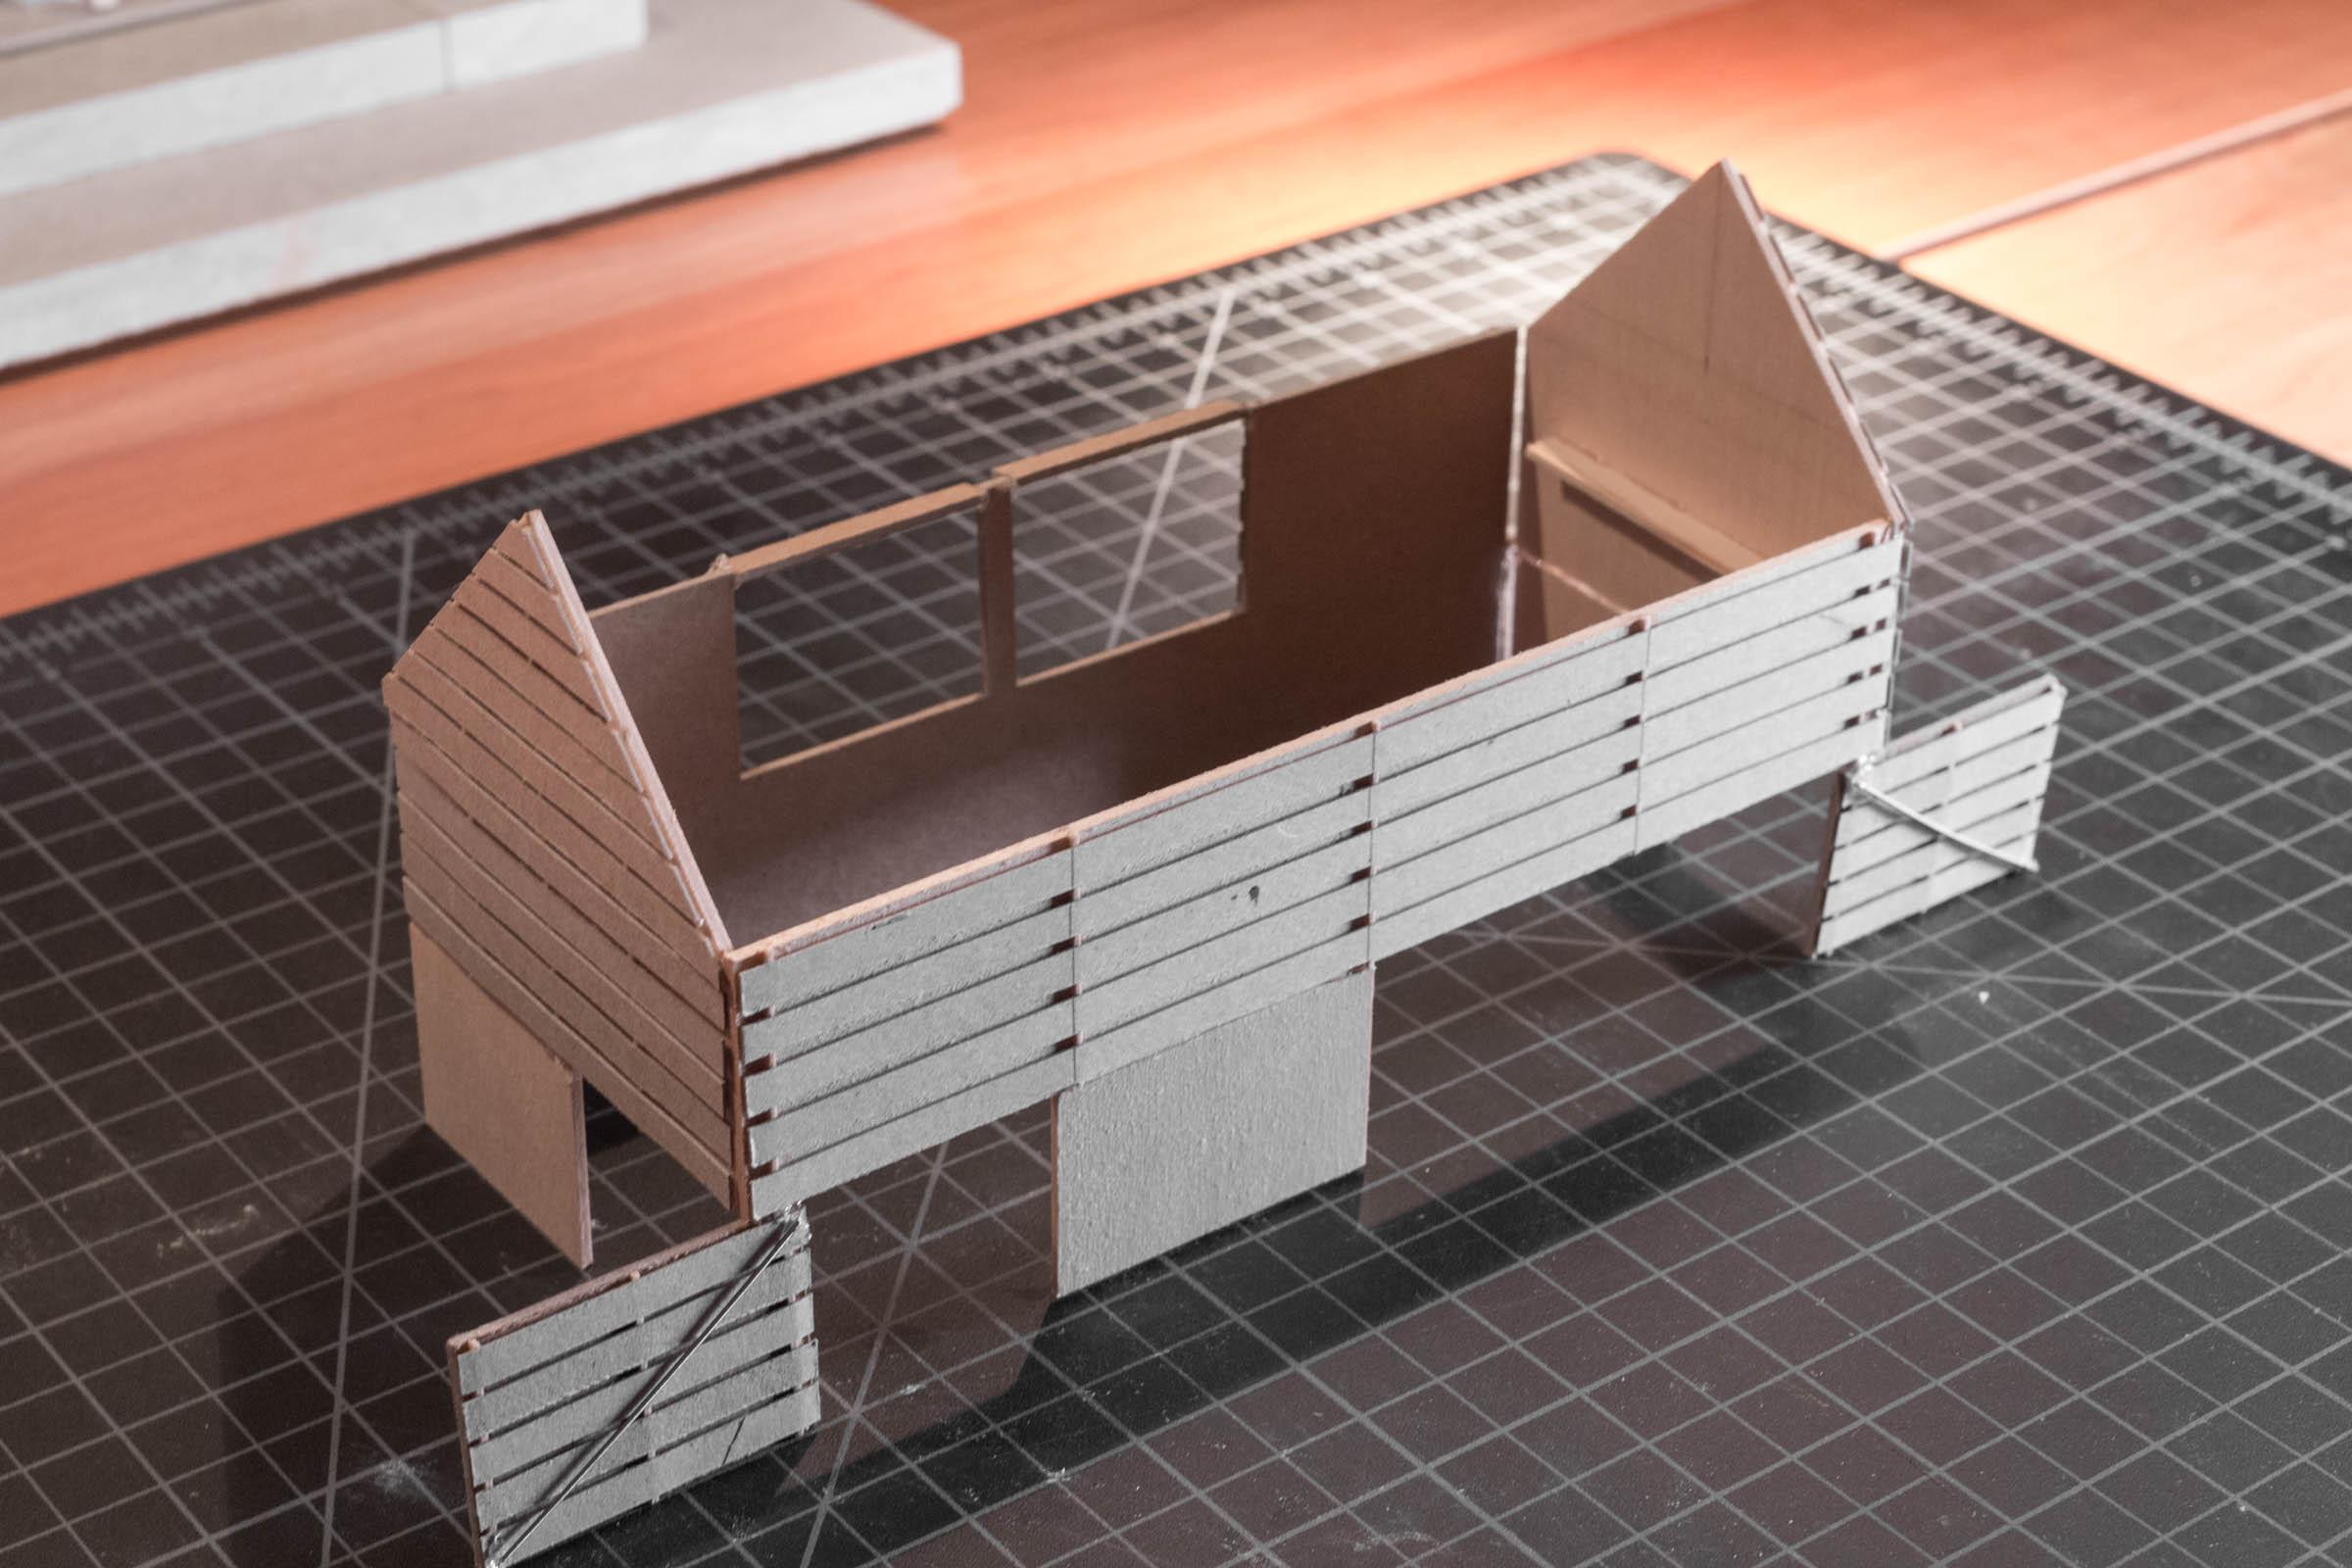 model making techniques-5.jpg